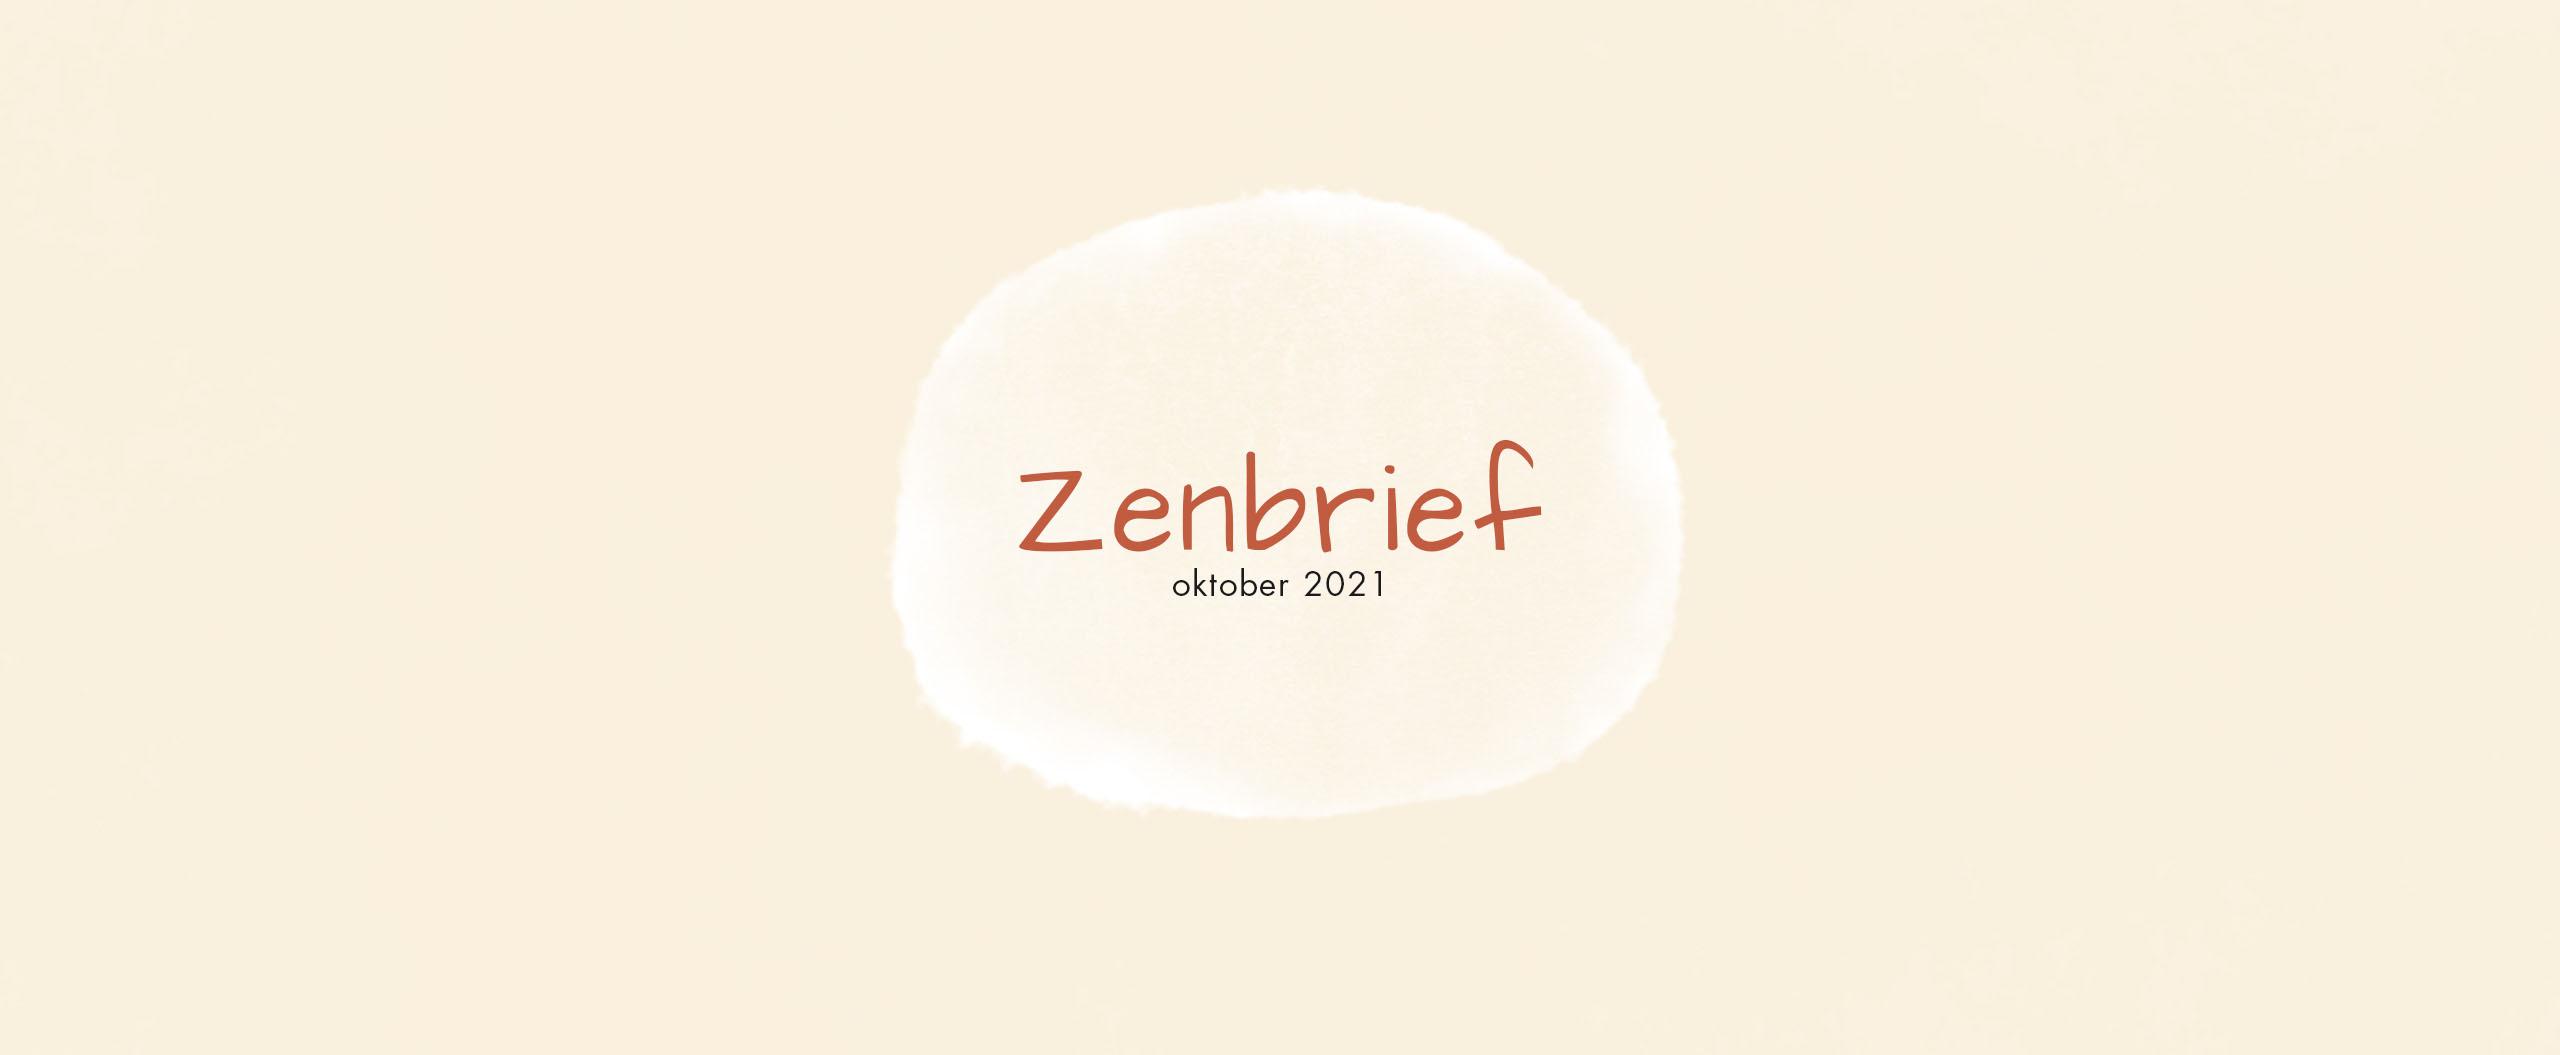 Zenbrief_oktober